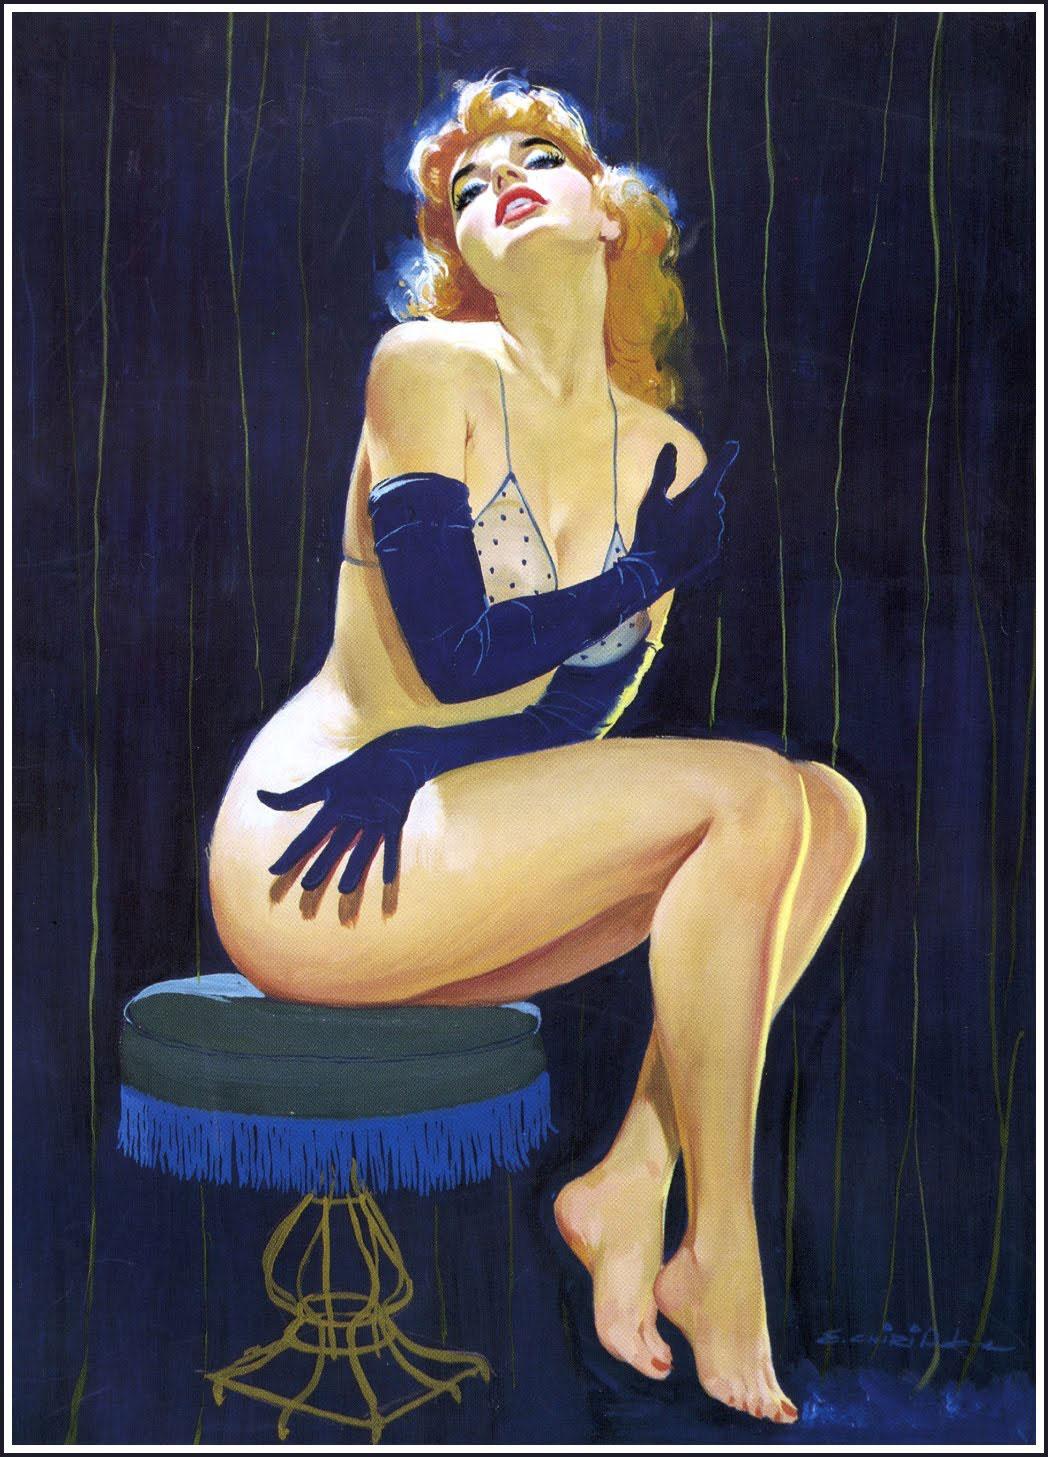 【絵画エロ画像】ガチでアートな絵画に描かれたヌードに興奮してしまったんだがwww 04